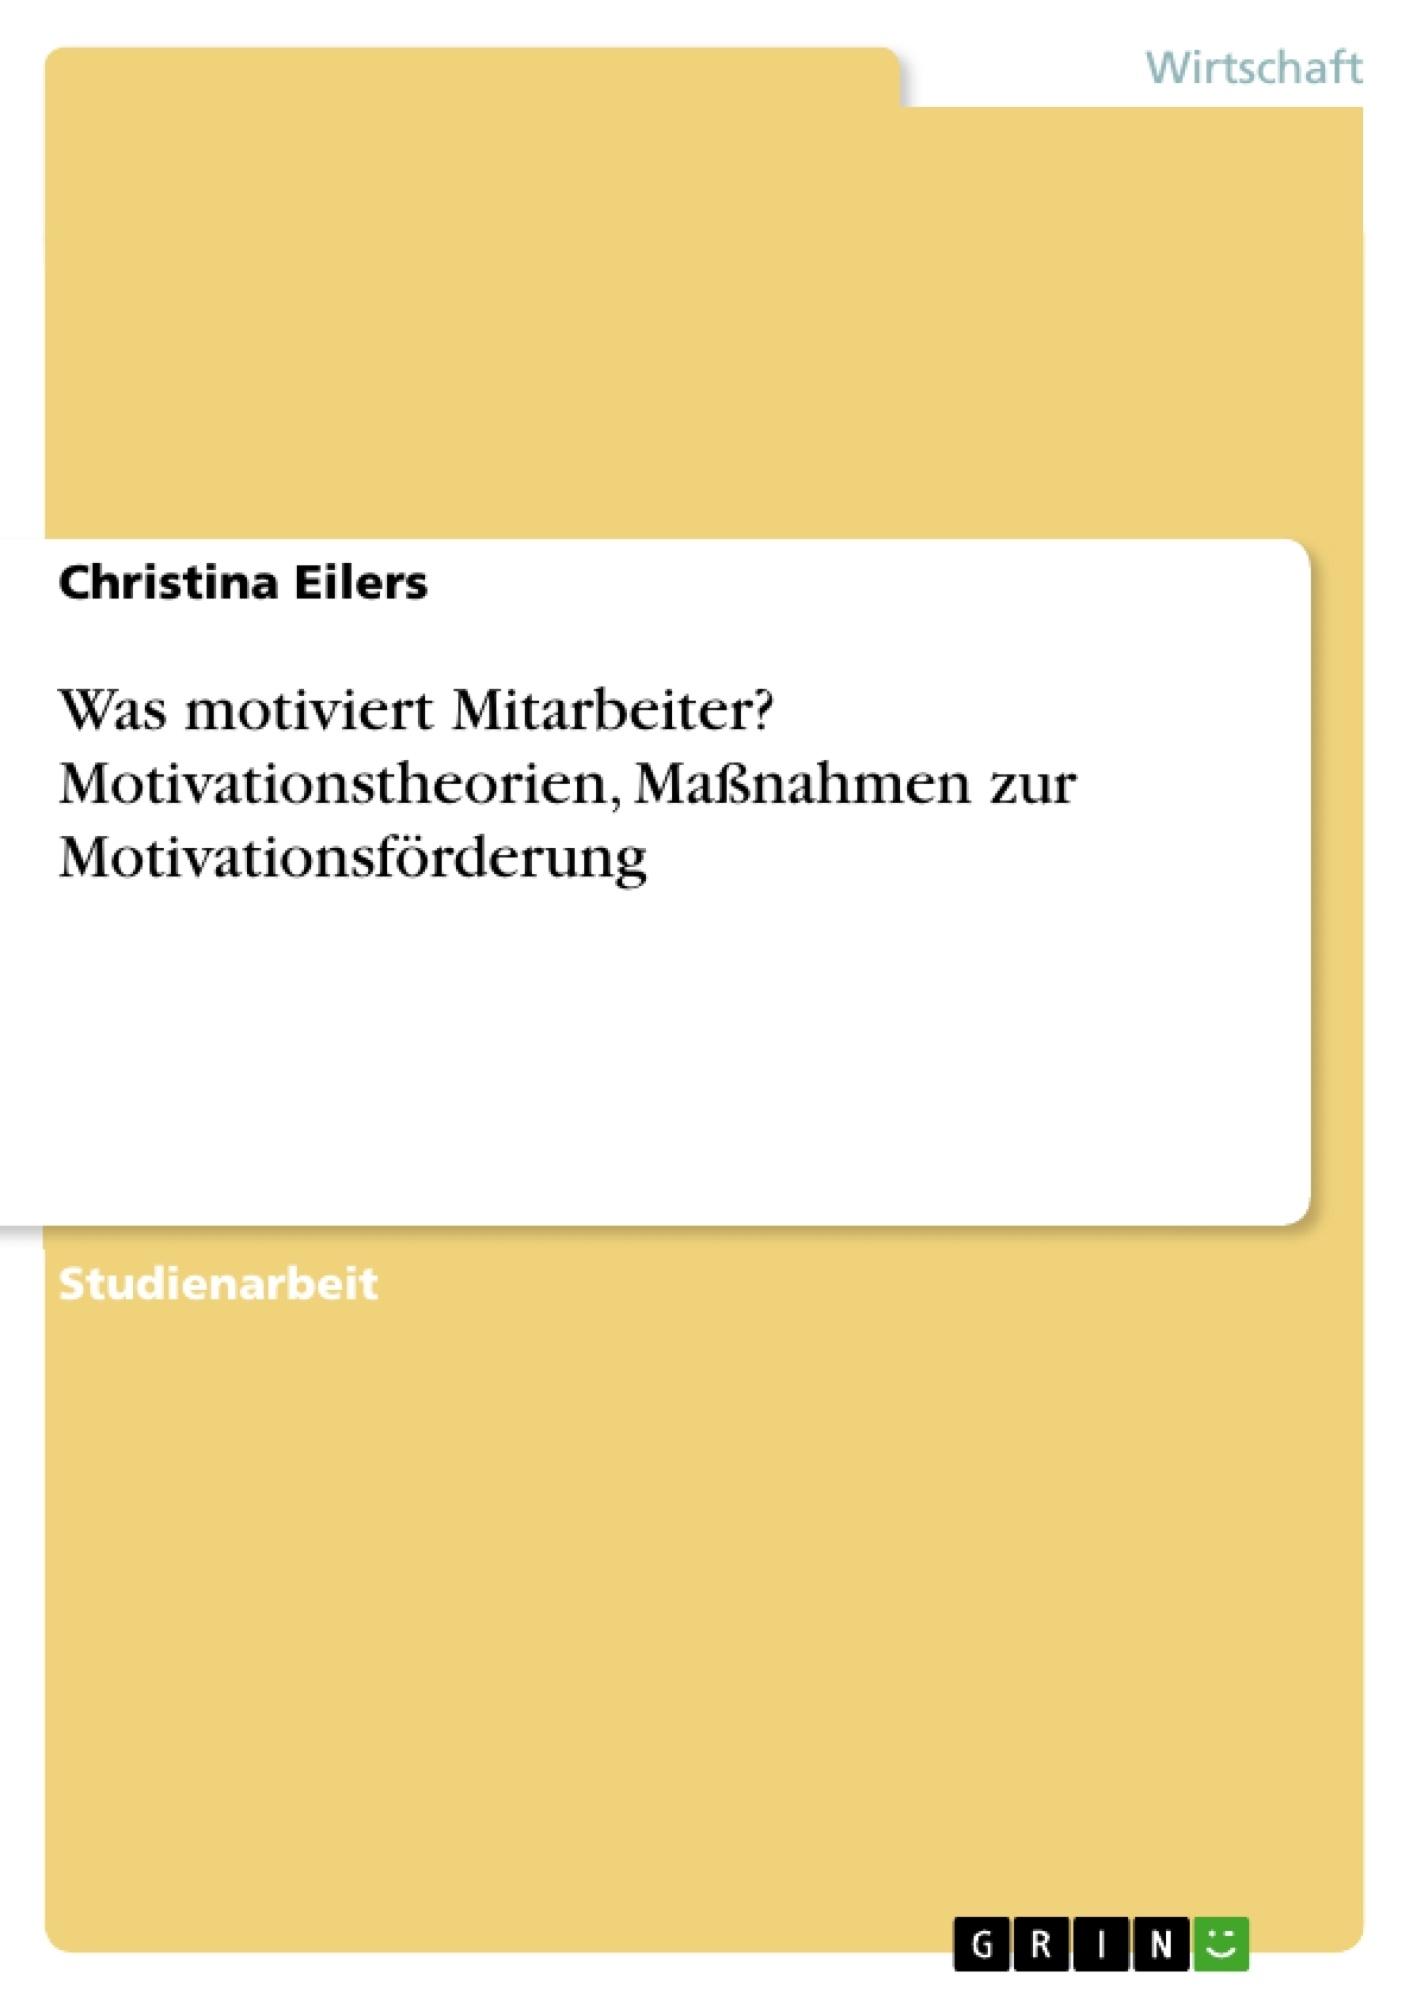 Titel: Was motiviert Mitarbeiter? Motivationstheorien, Maßnahmen zur Motivationsförderung